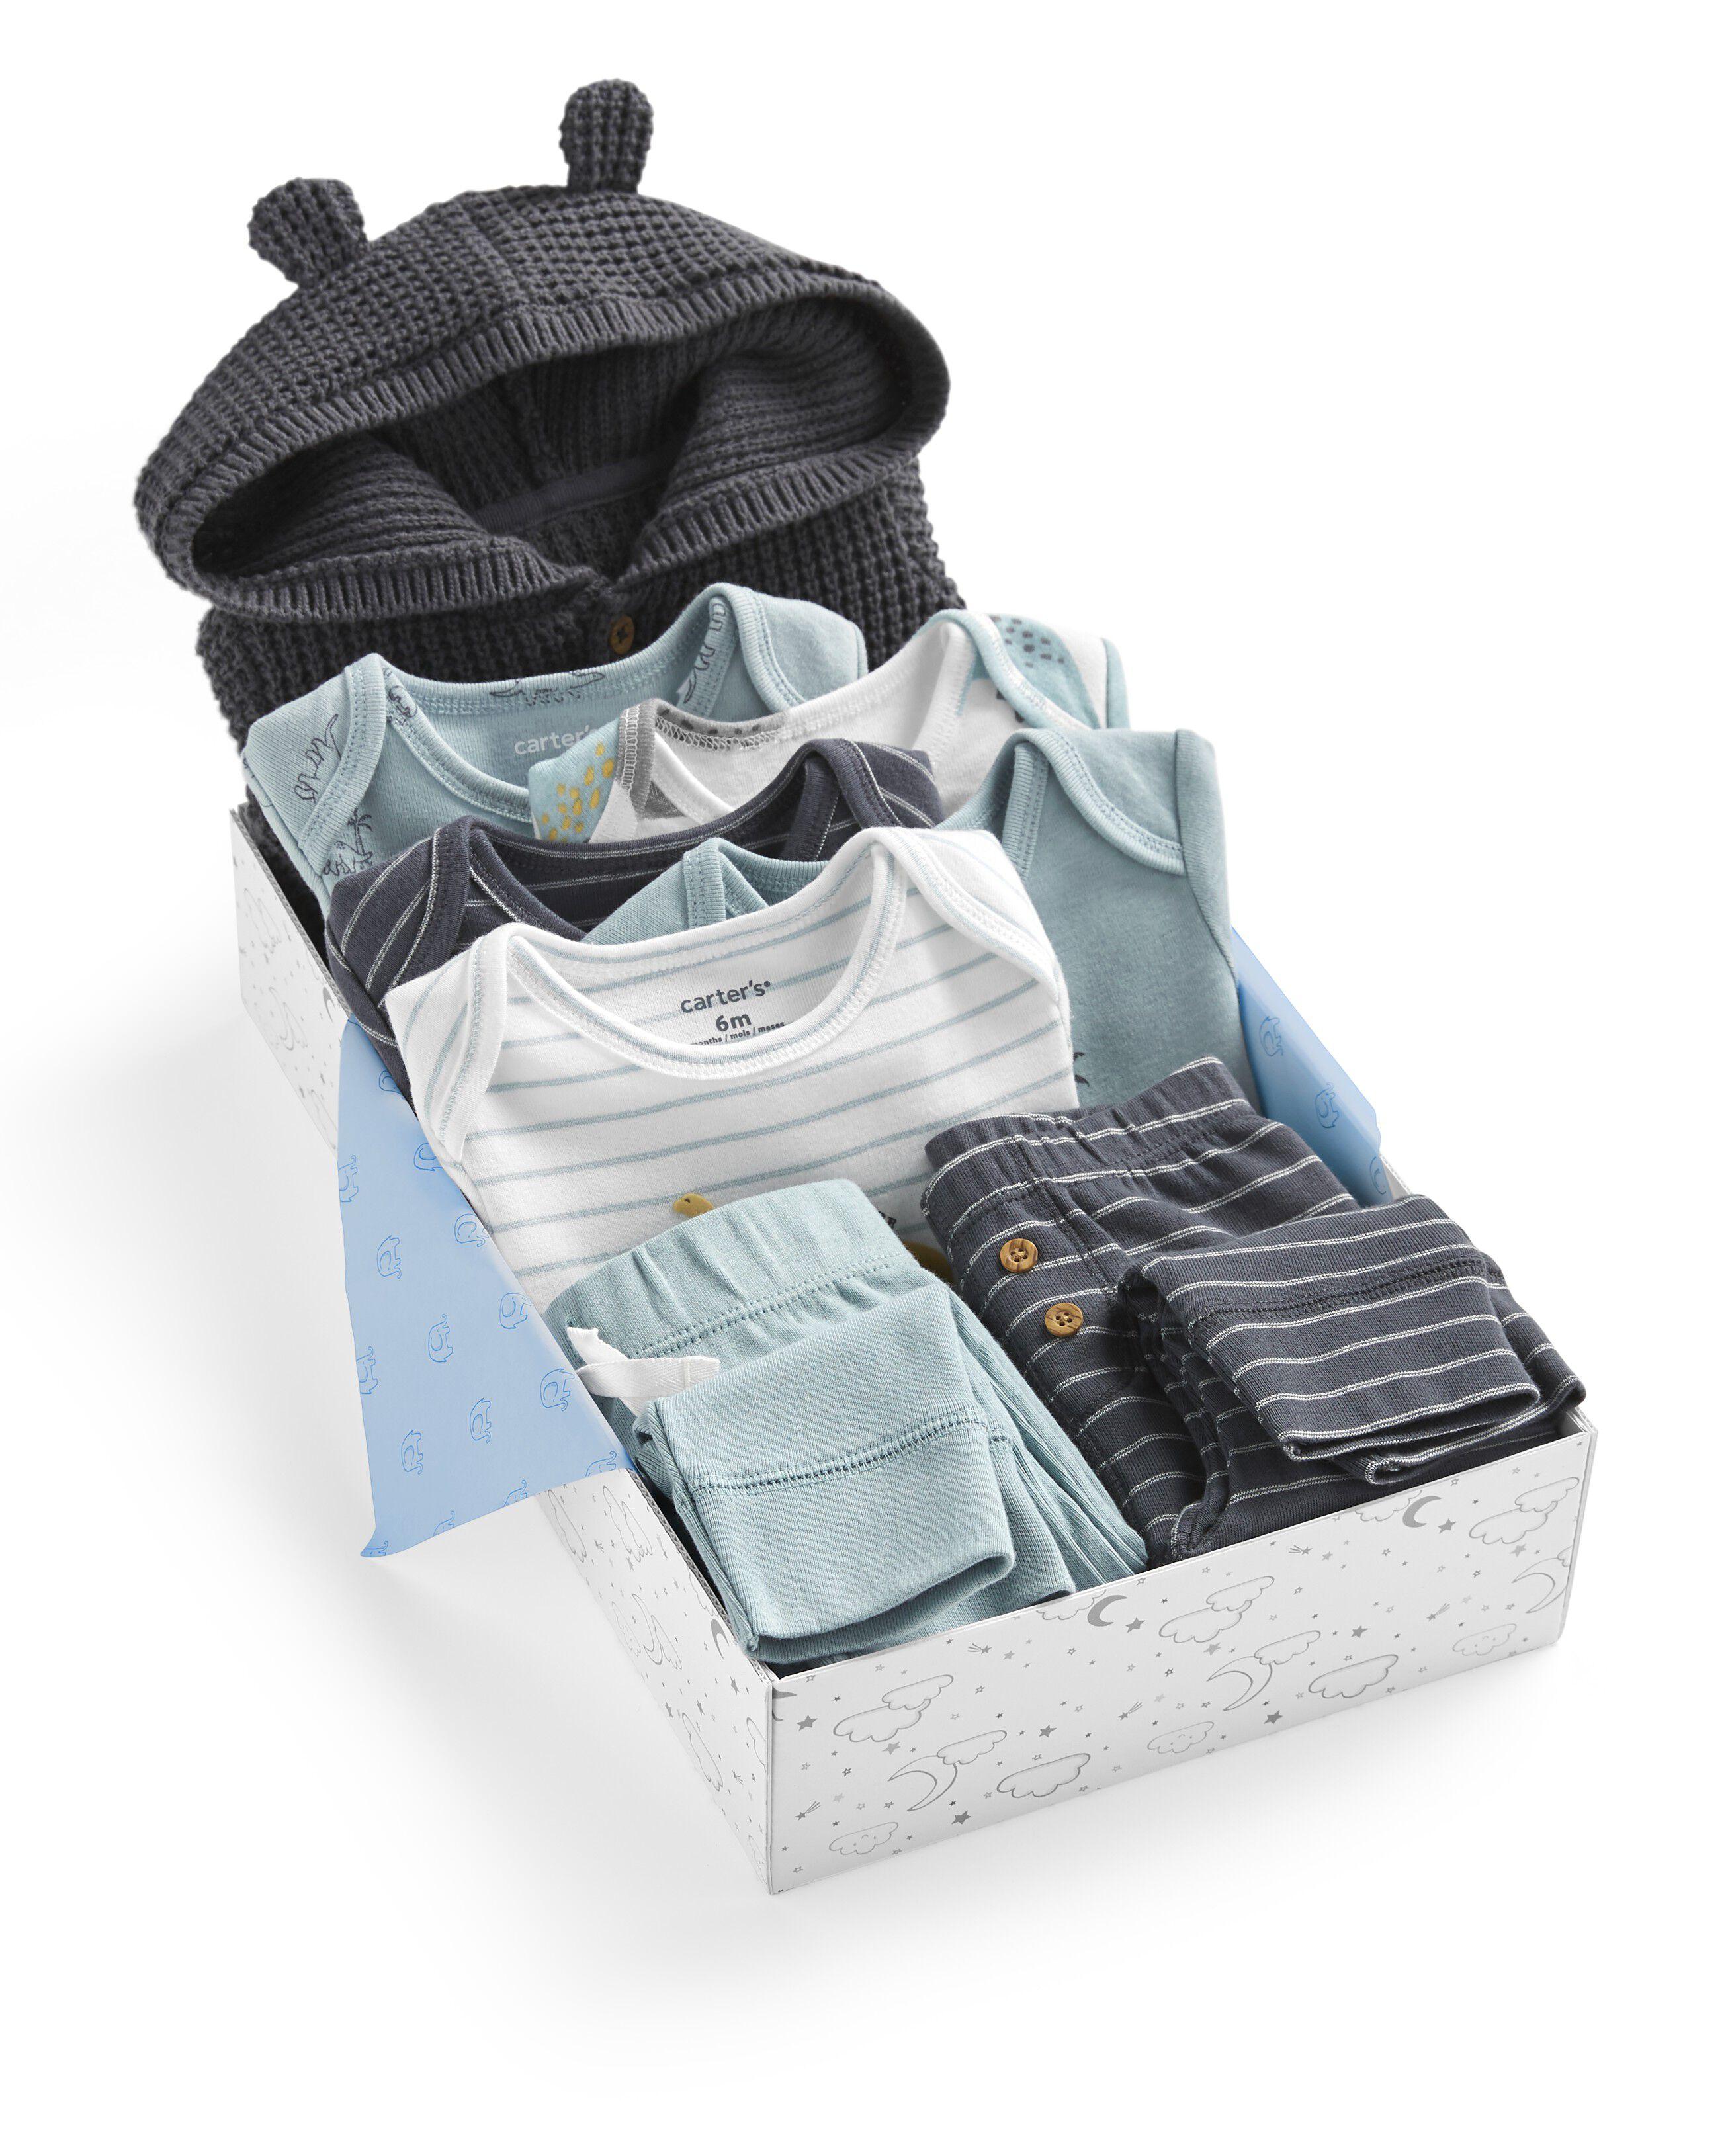 Carters 8-Pack Baby Bundle